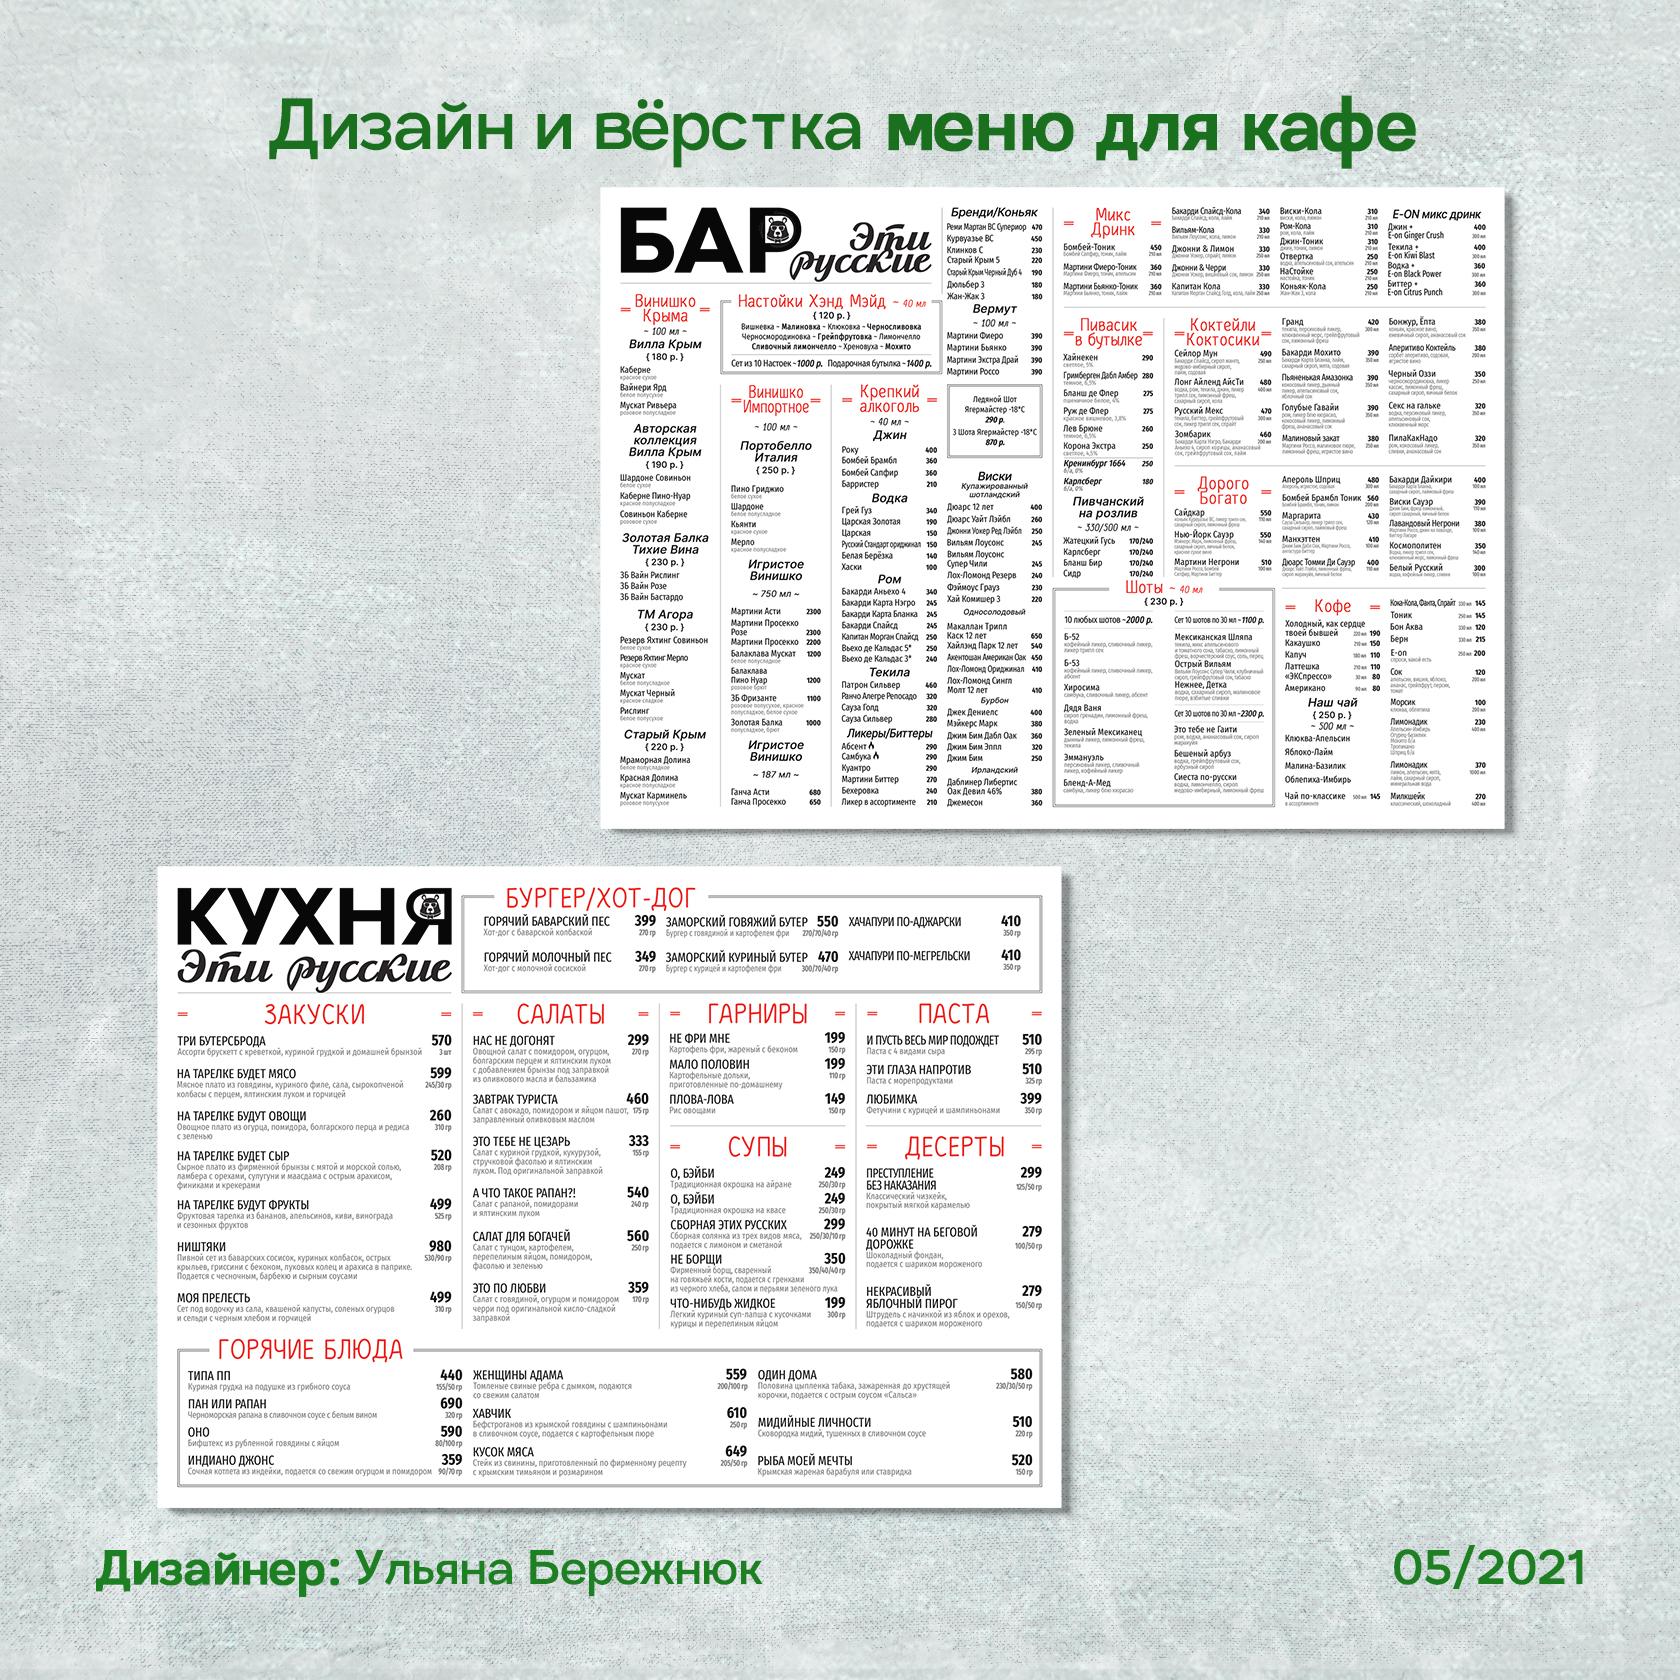 B2c1606870